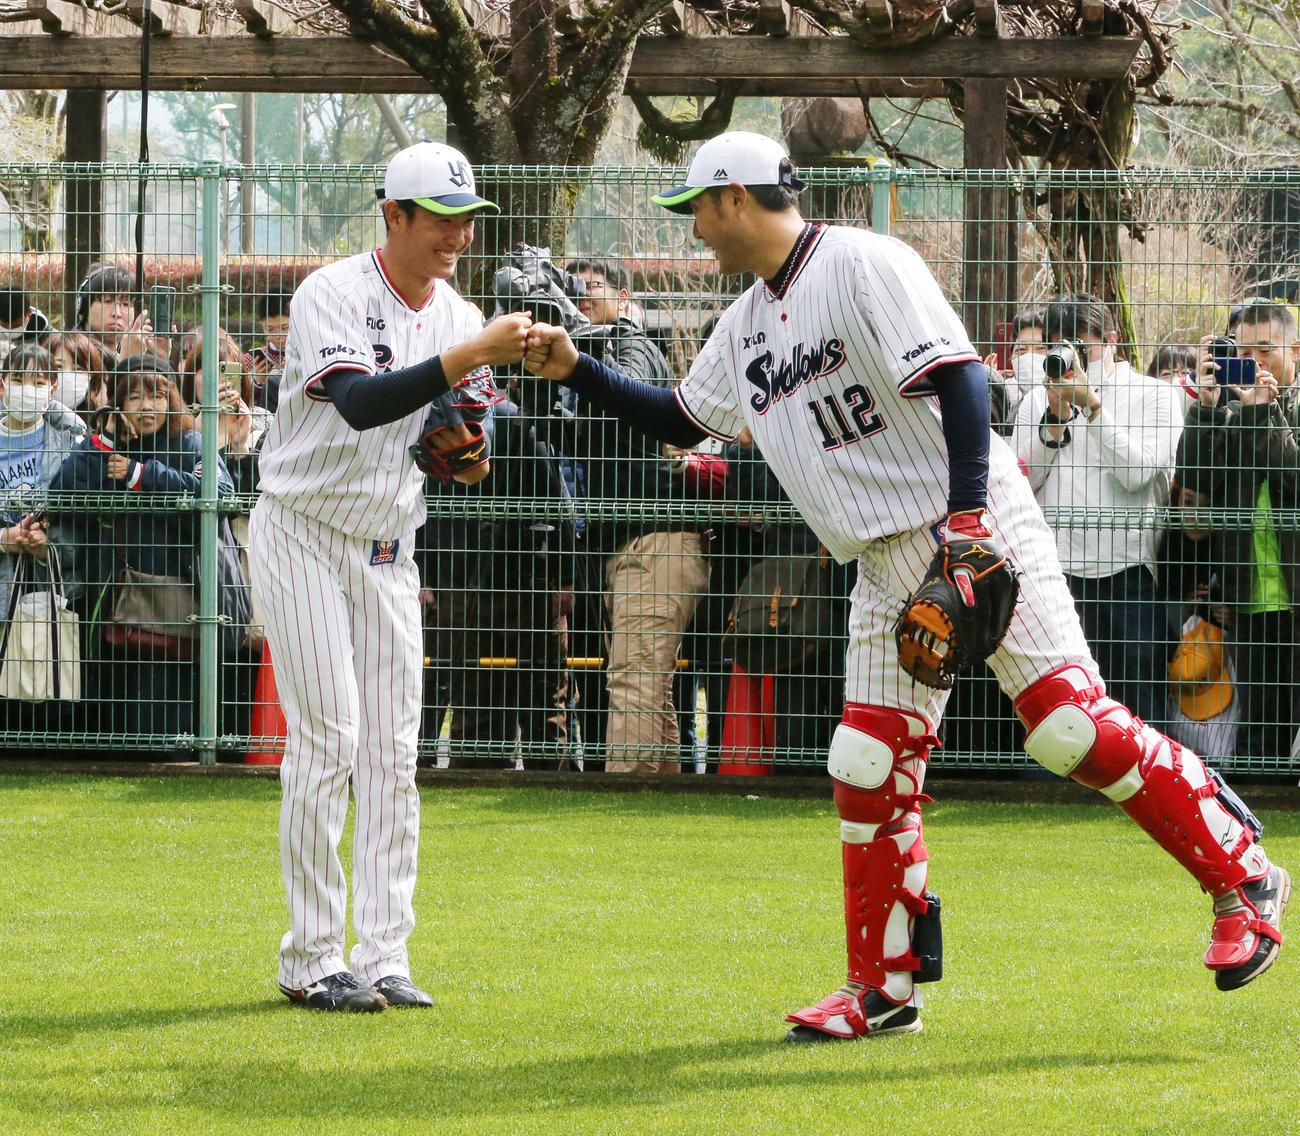 初ブルペンで22球を投げ、受けた捕手とグータッチを交わすドラフト1位ルーキーのヤクルト奥川恭伸(左)(撮影・菊川光一)